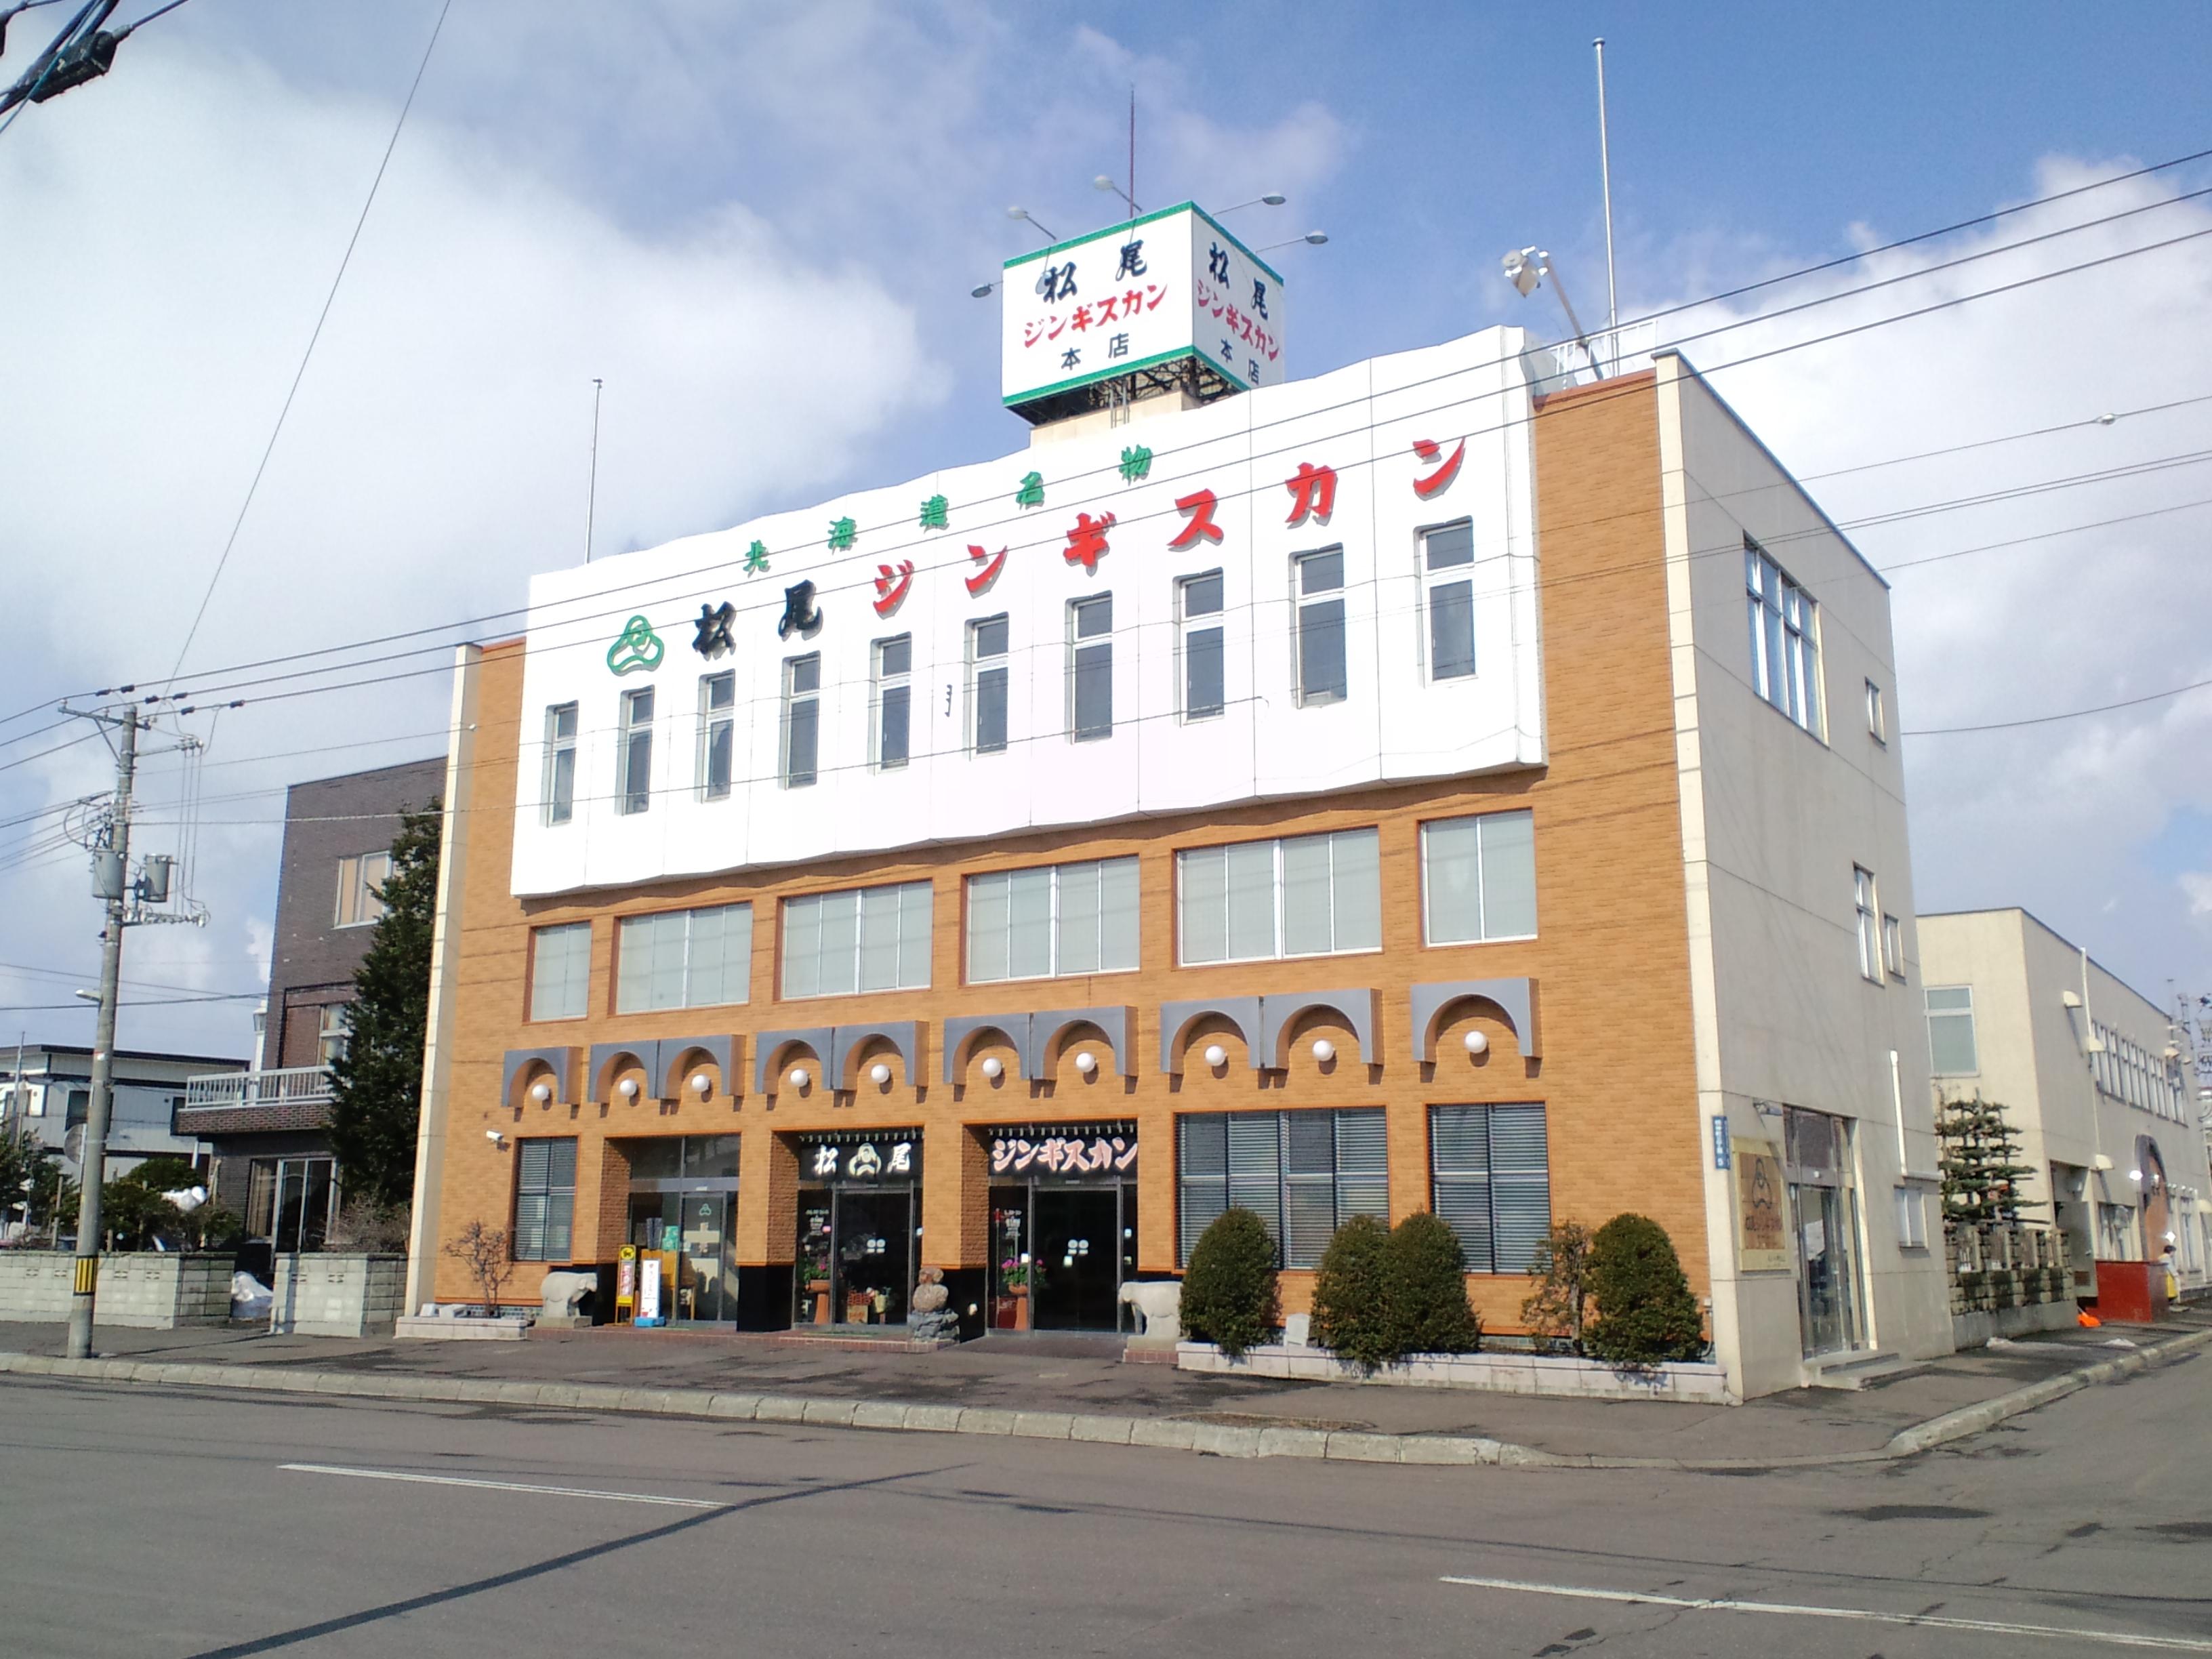 北海道名物 松尾ジンギスカン本店